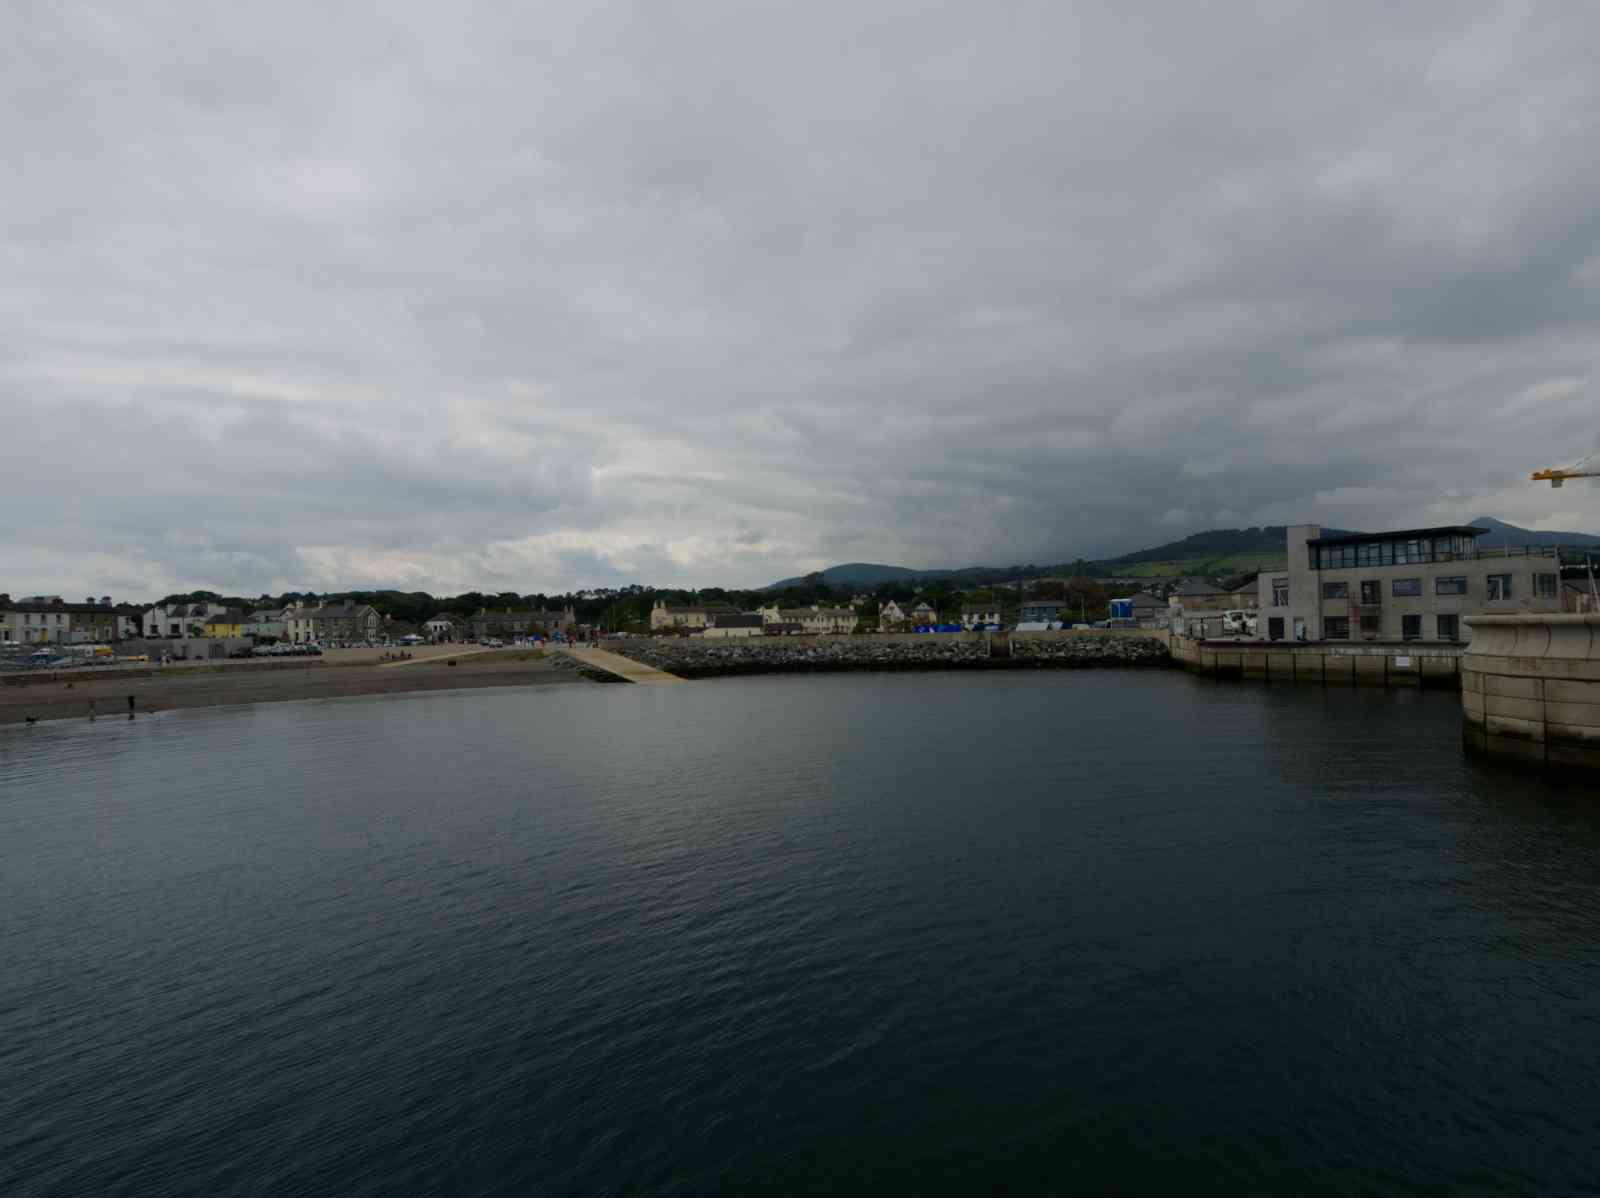 Küstenwanderung - Der Hafen von Greystones